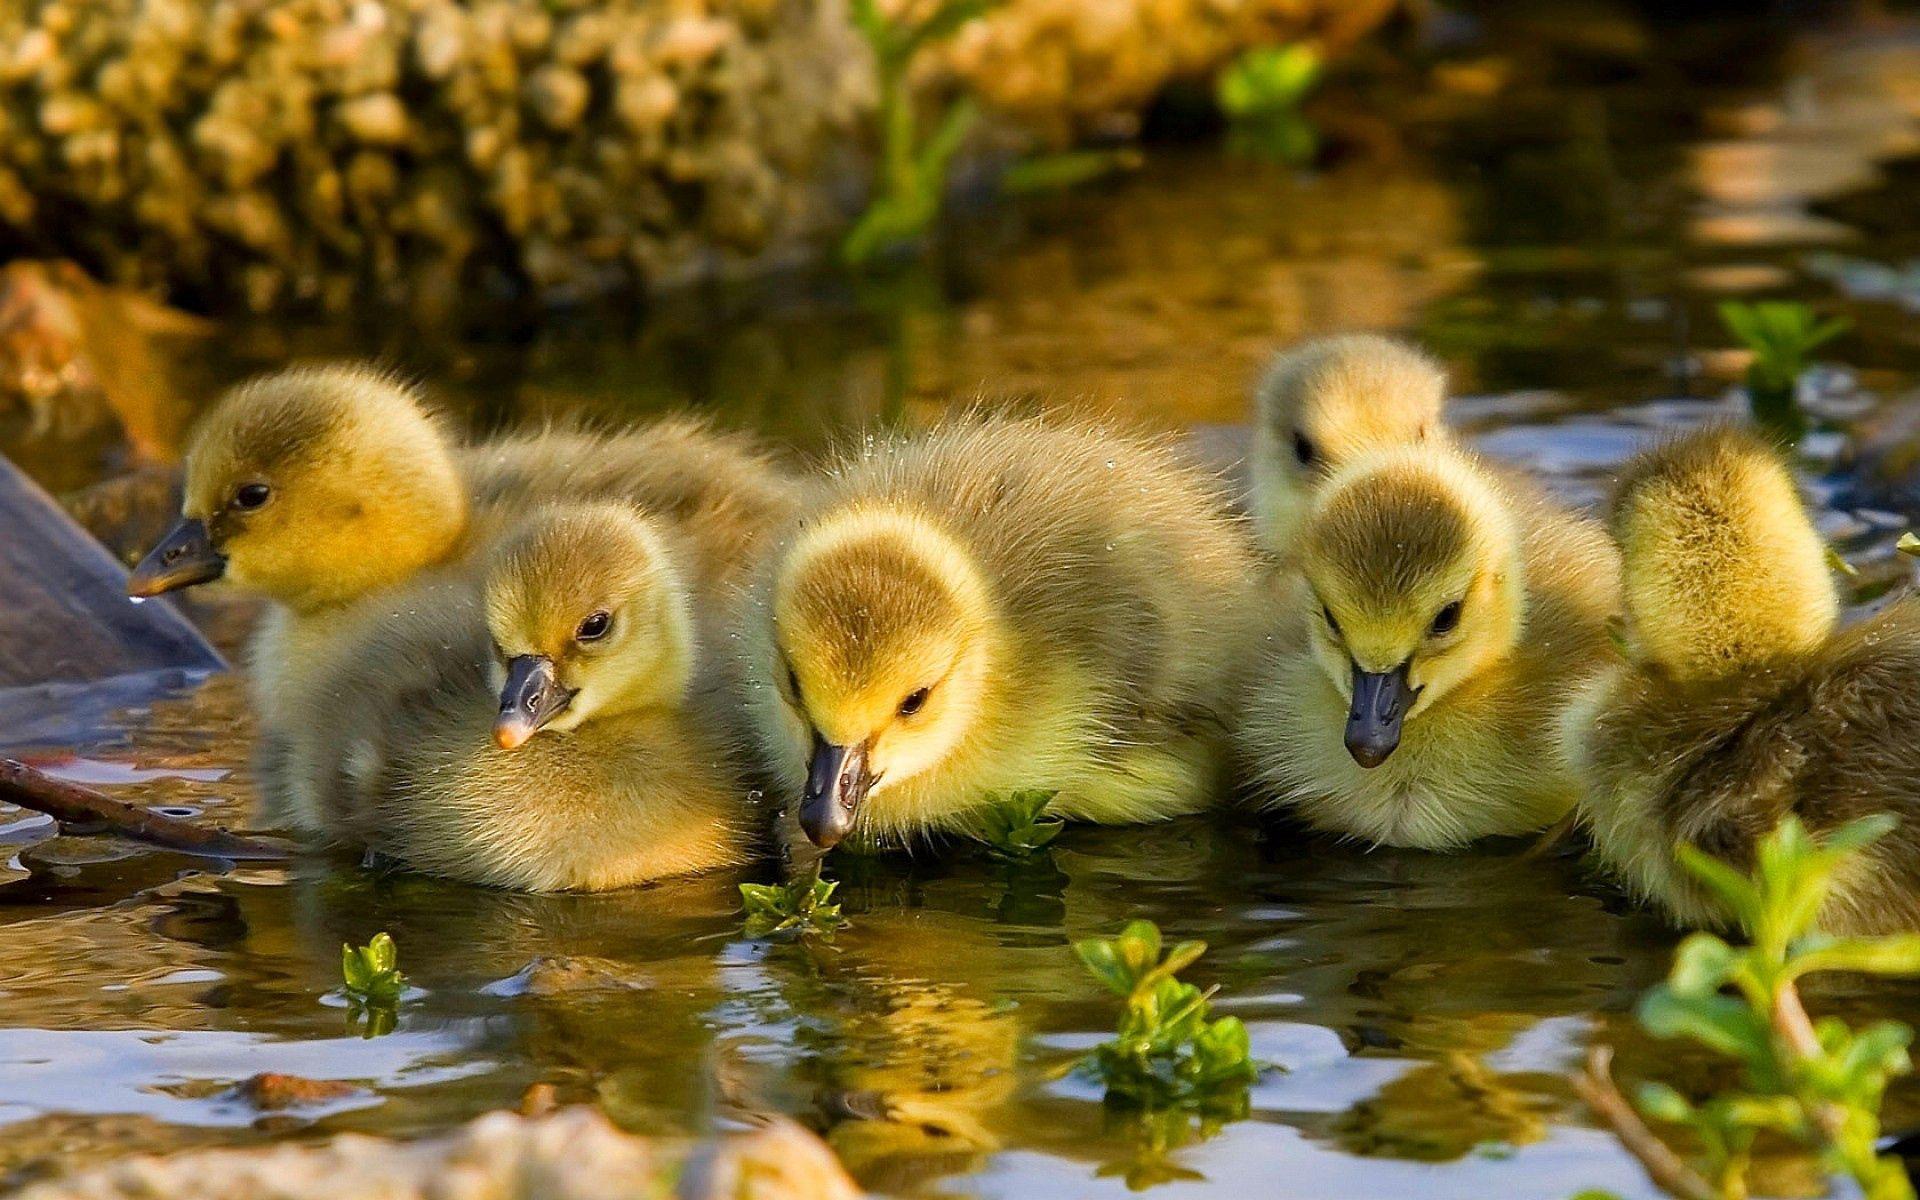 154576 Hintergrundbild herunterladen Tiere, Vögel, Flüsse, Ducks, Schwimmen - Bildschirmschoner und Bilder kostenlos